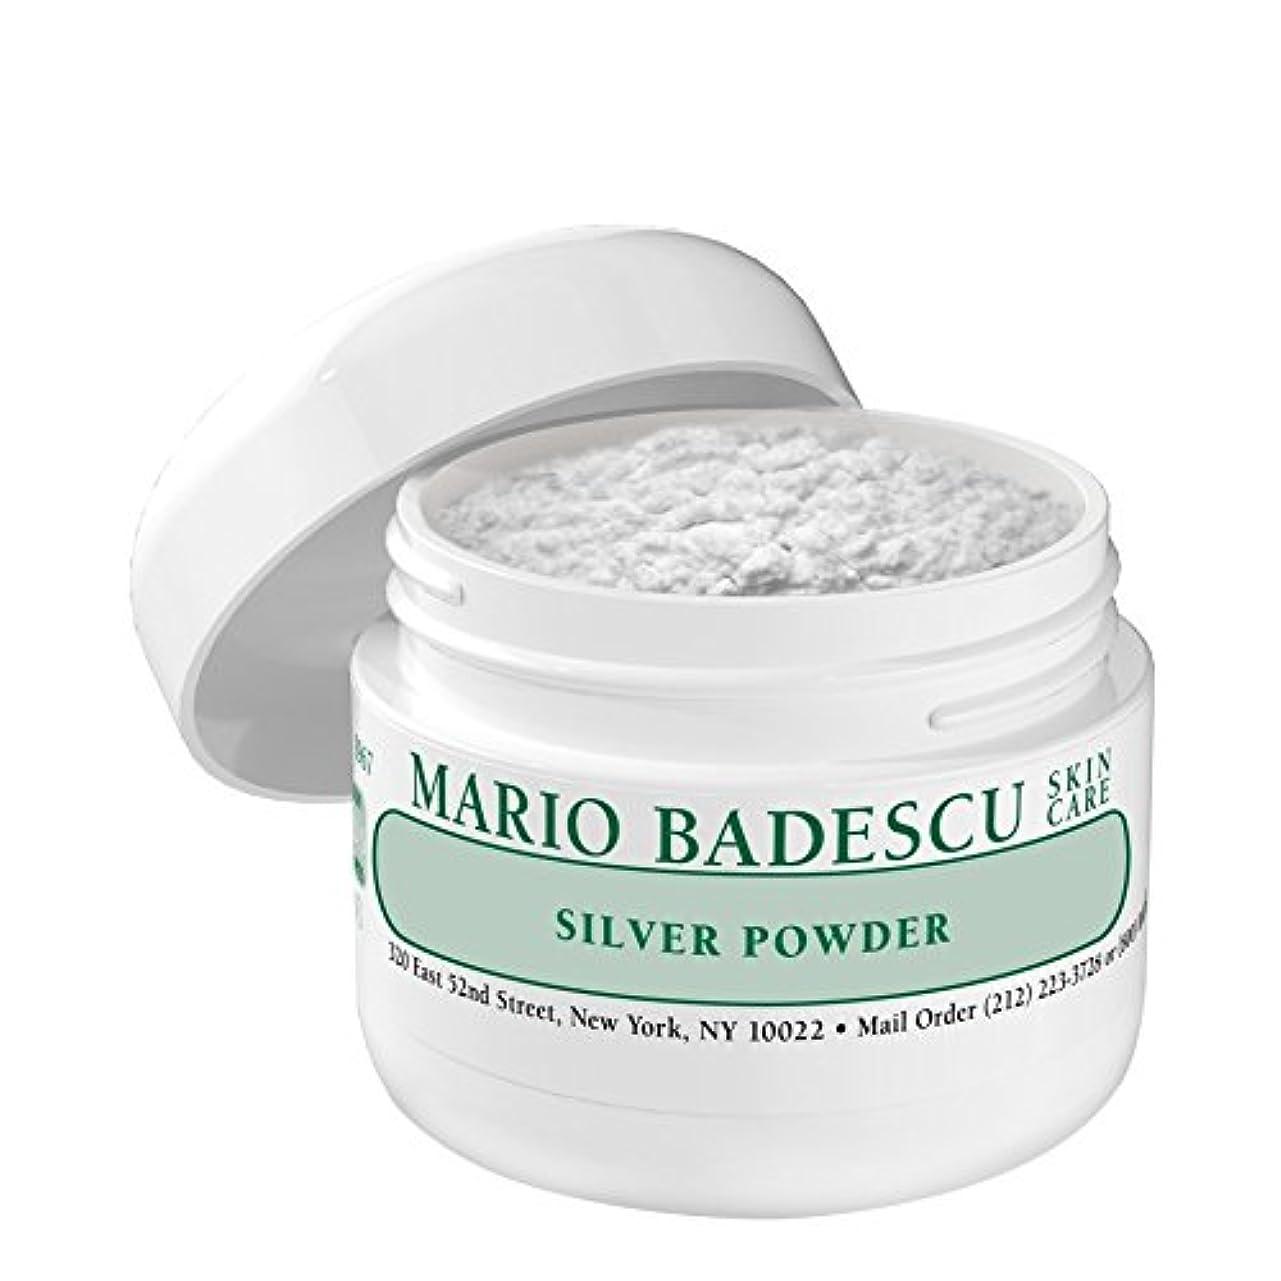 粘土離れた合理化マリオ?バデスキュー銀粉末 x2 - Mario Badescu Silver Powder (Pack of 2) [並行輸入品]